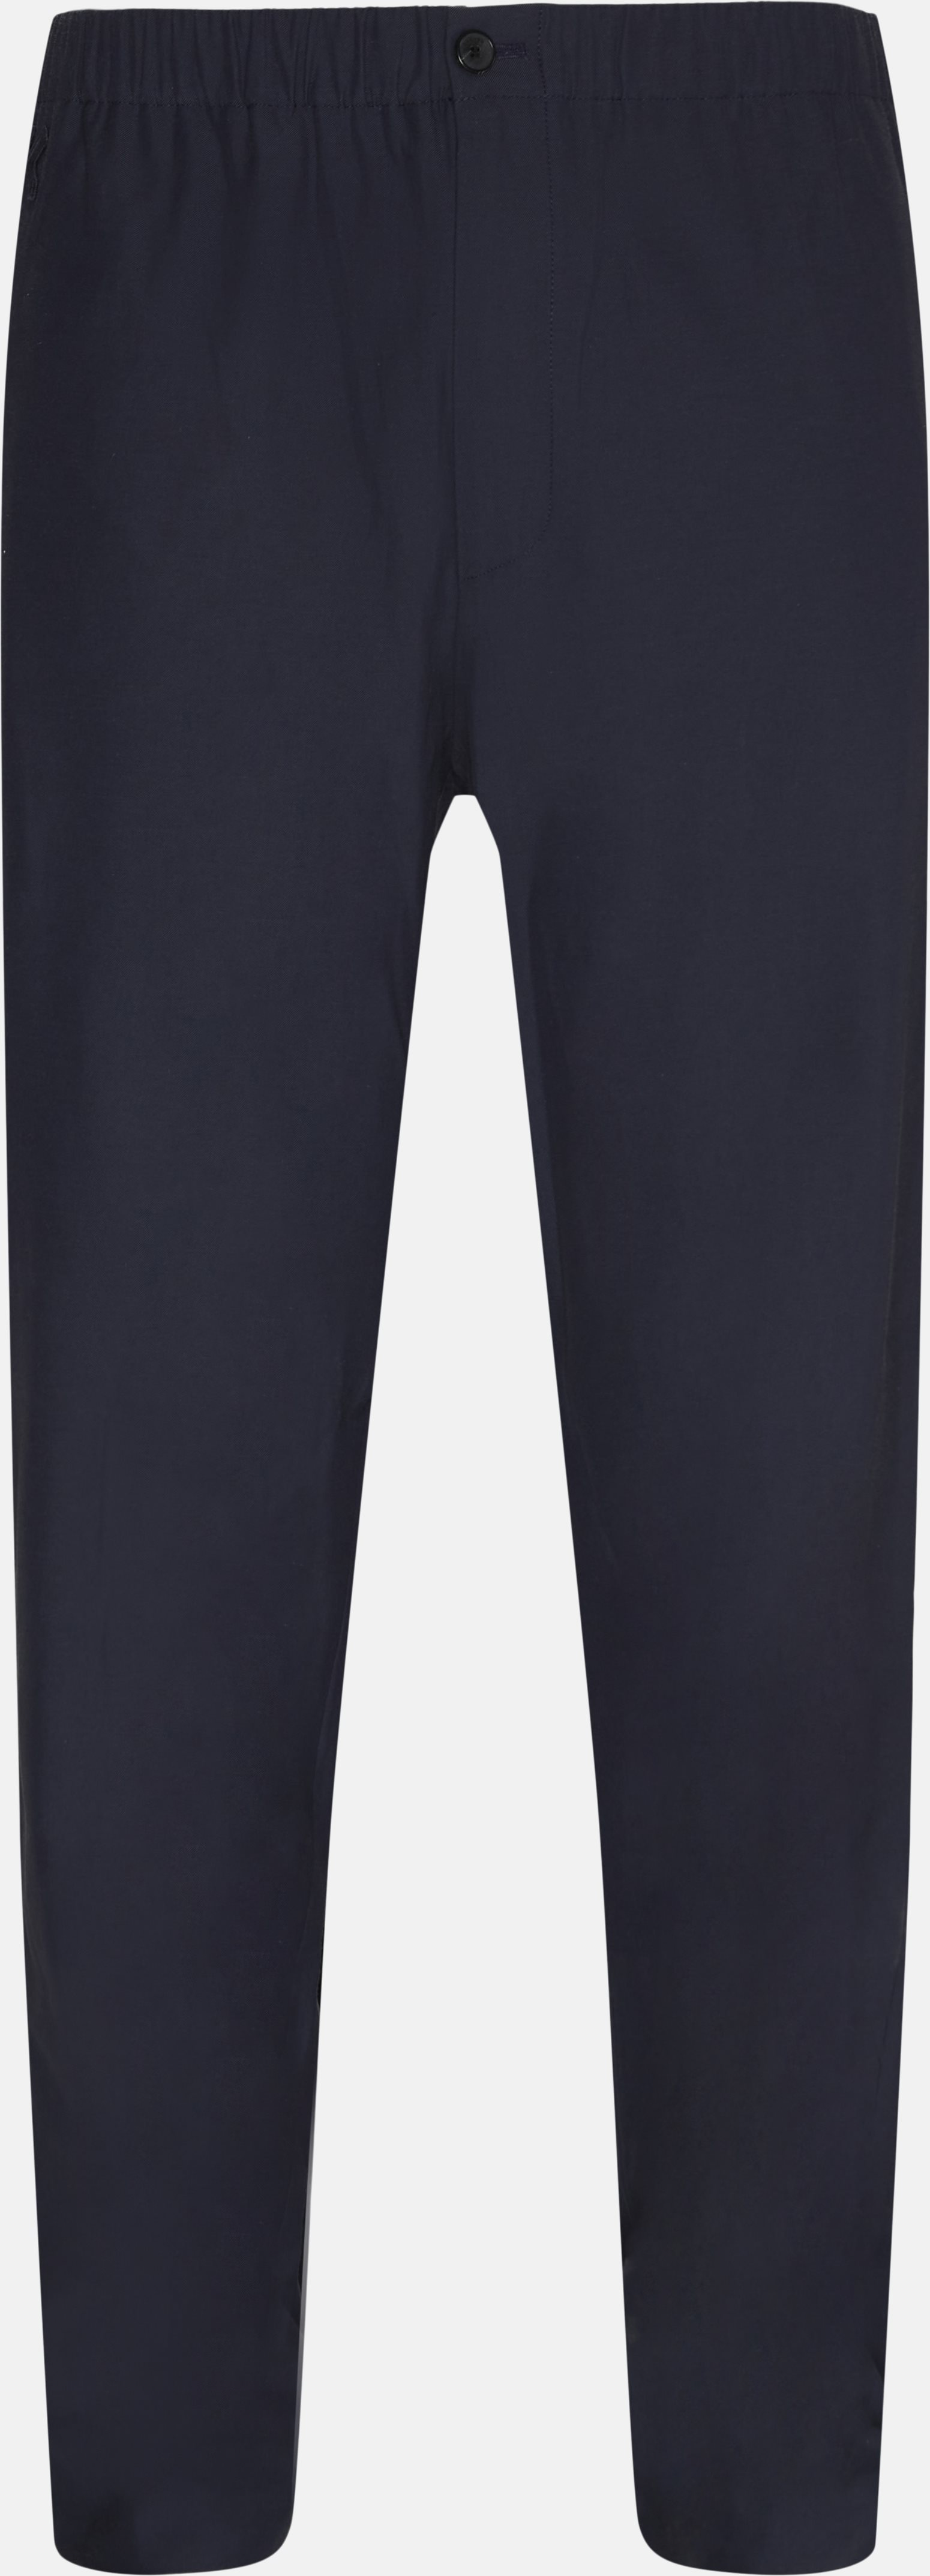 Bukser - Bukser - Loose - Blå